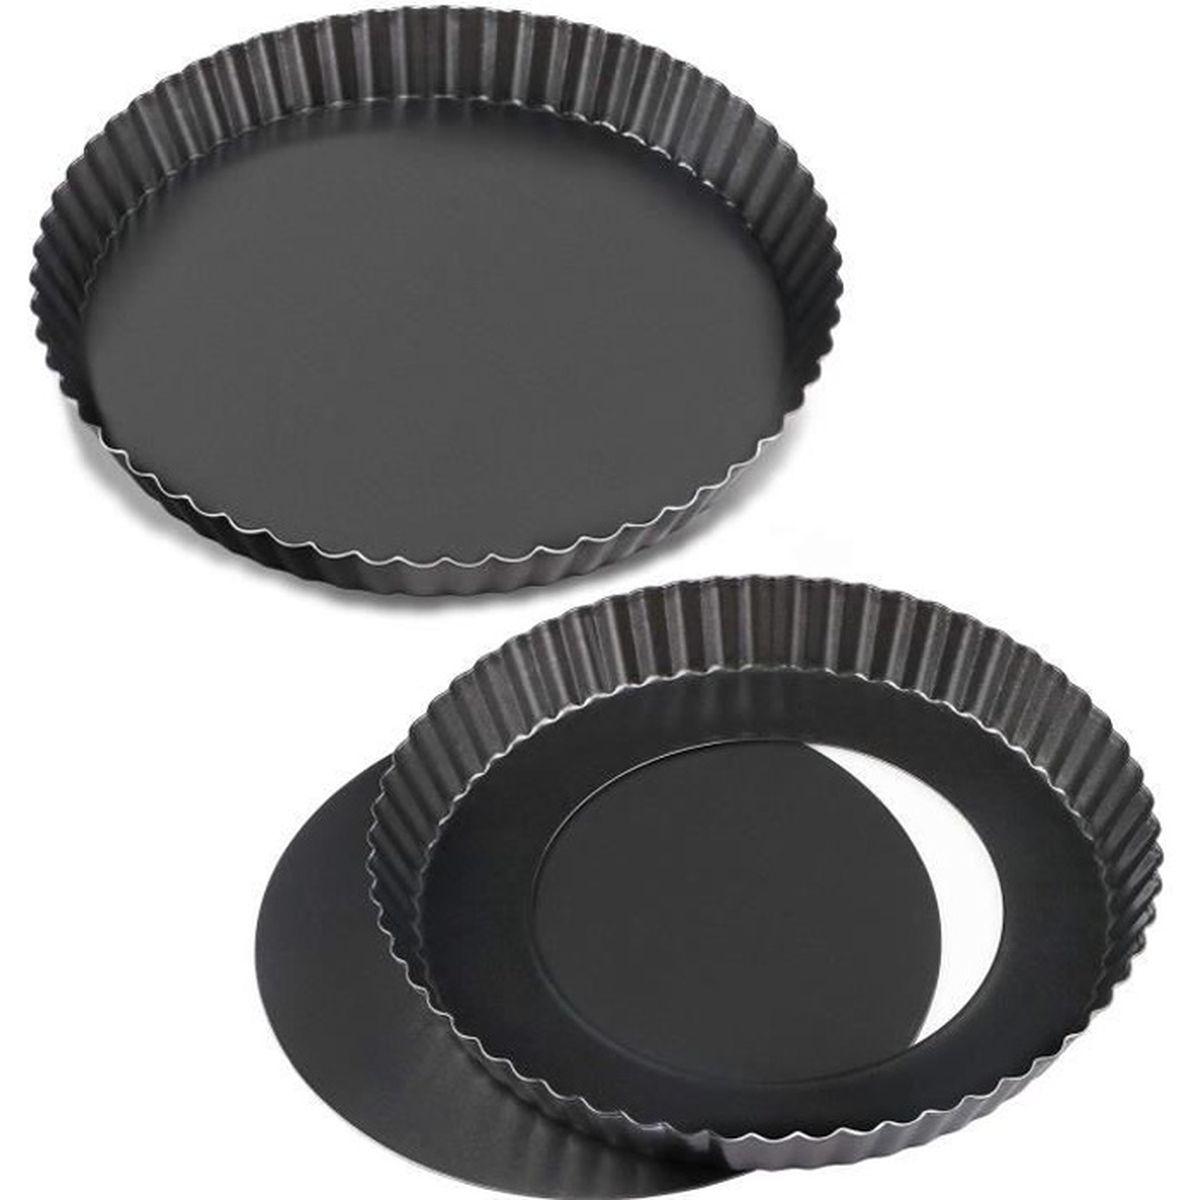 Moule A Tartelette Professionnel plats antiadhésifs de 8 po à quiche de , moule à tarte tarte